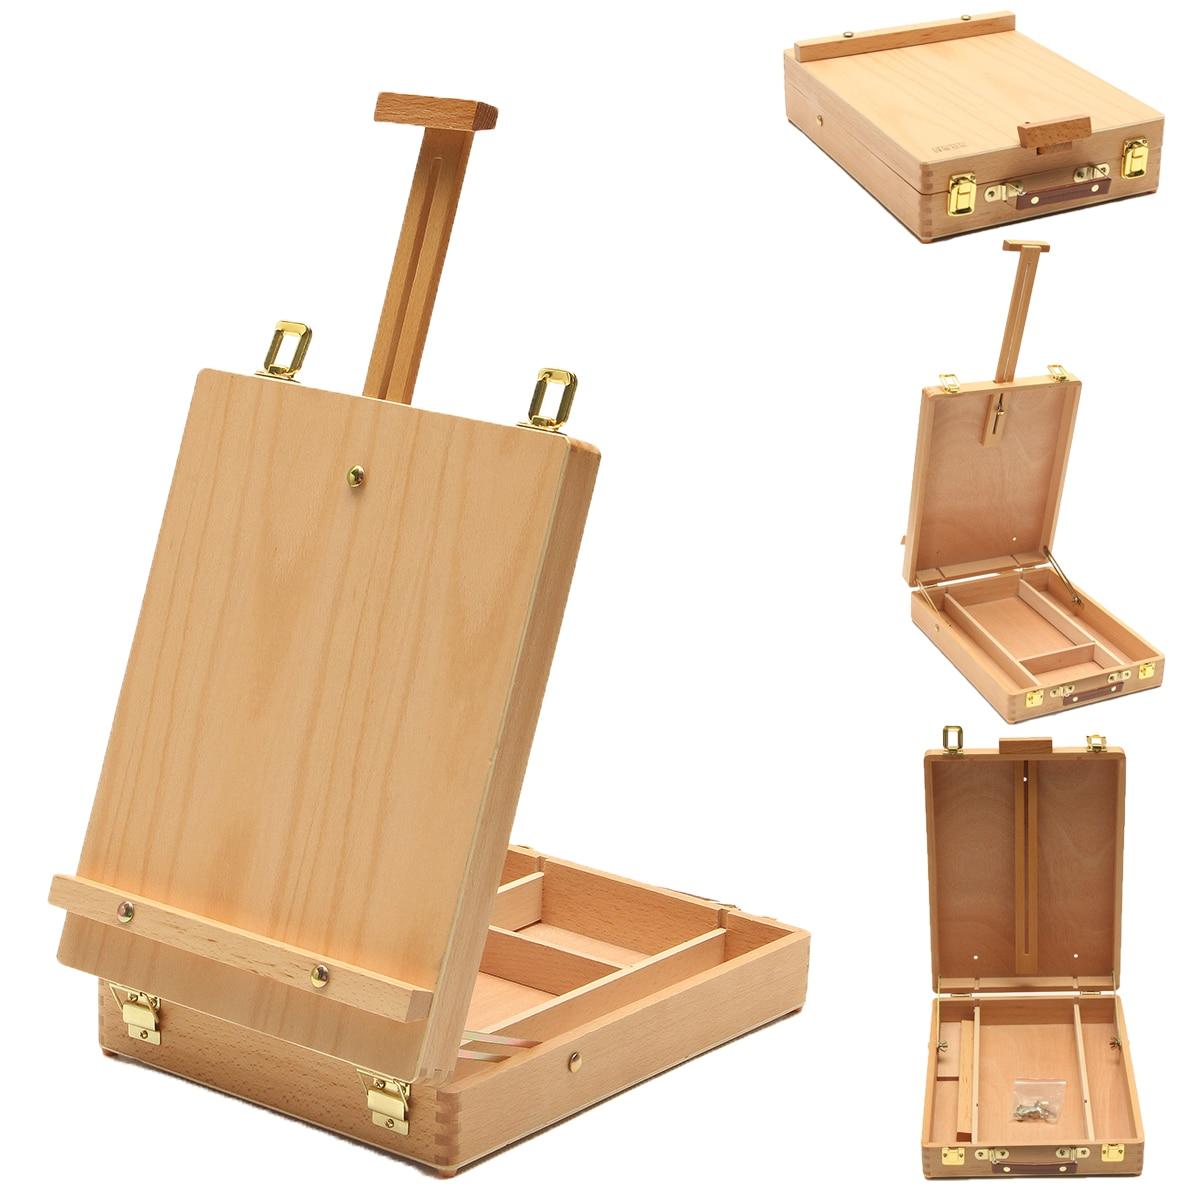 Multifunctionele Schildersezel met Geïntegreerde Houten Box Art Tekening Schilderij Tafel Doos Olie Verf Koffer Desktop Box Art Supplies